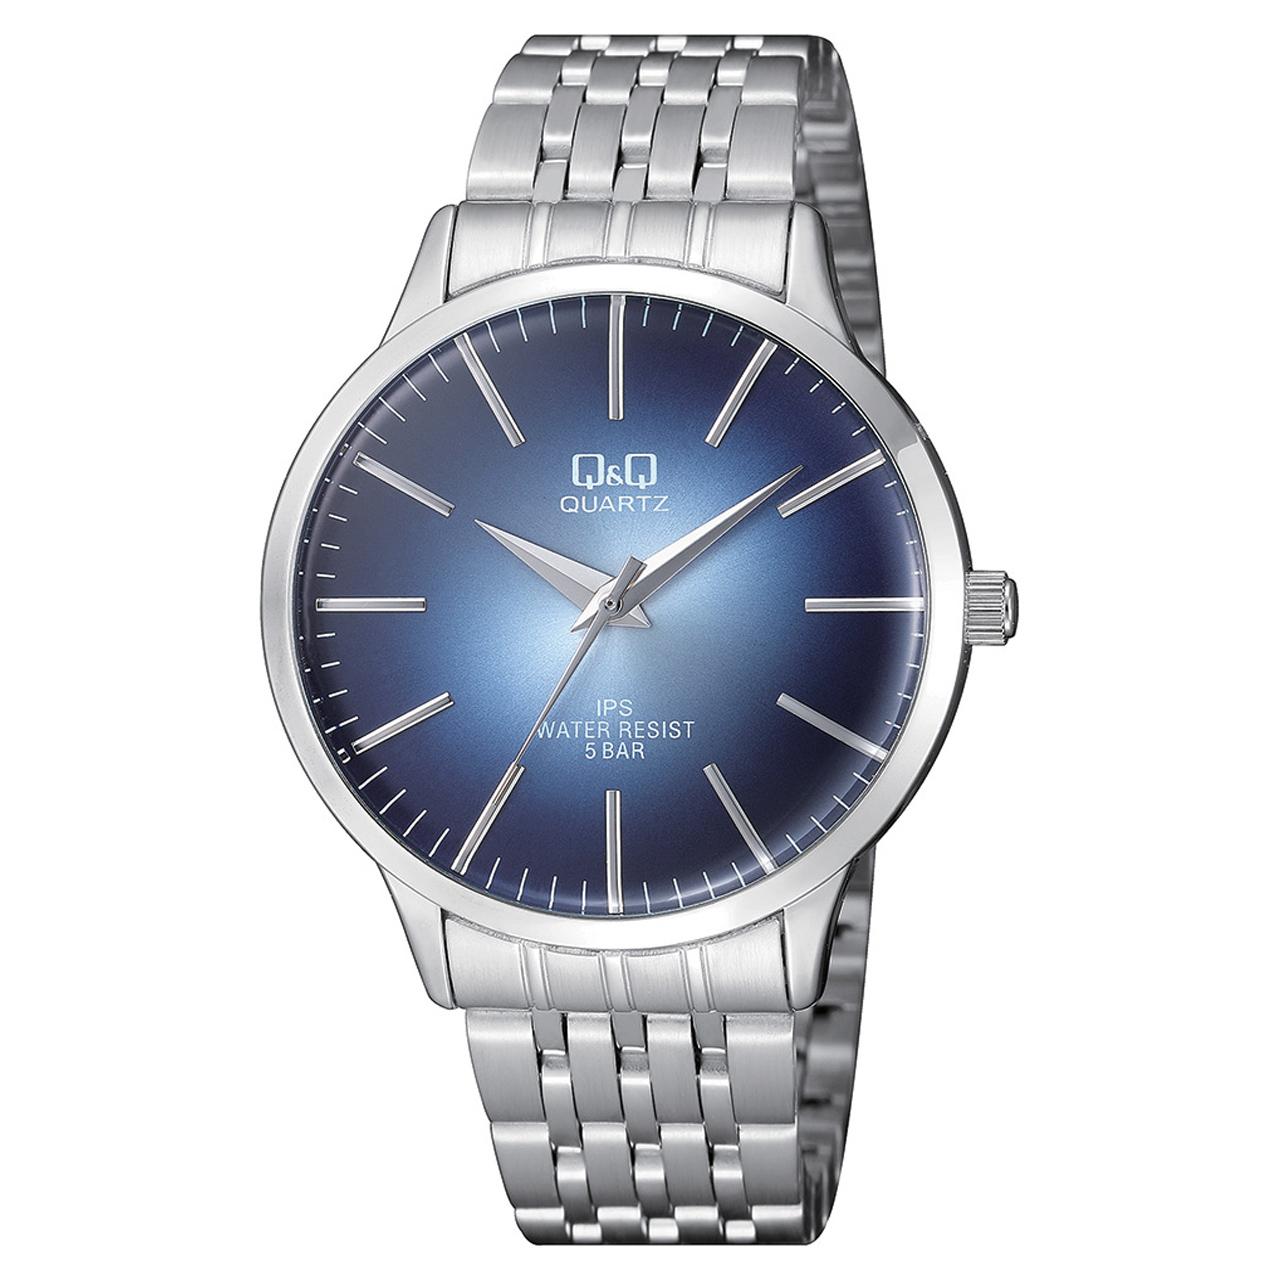 ساعت مچی عقربه ای مردانه کیو اند کیو مدلqz16j212y به همراه دستمال مخصوص برند کلین واچ 49